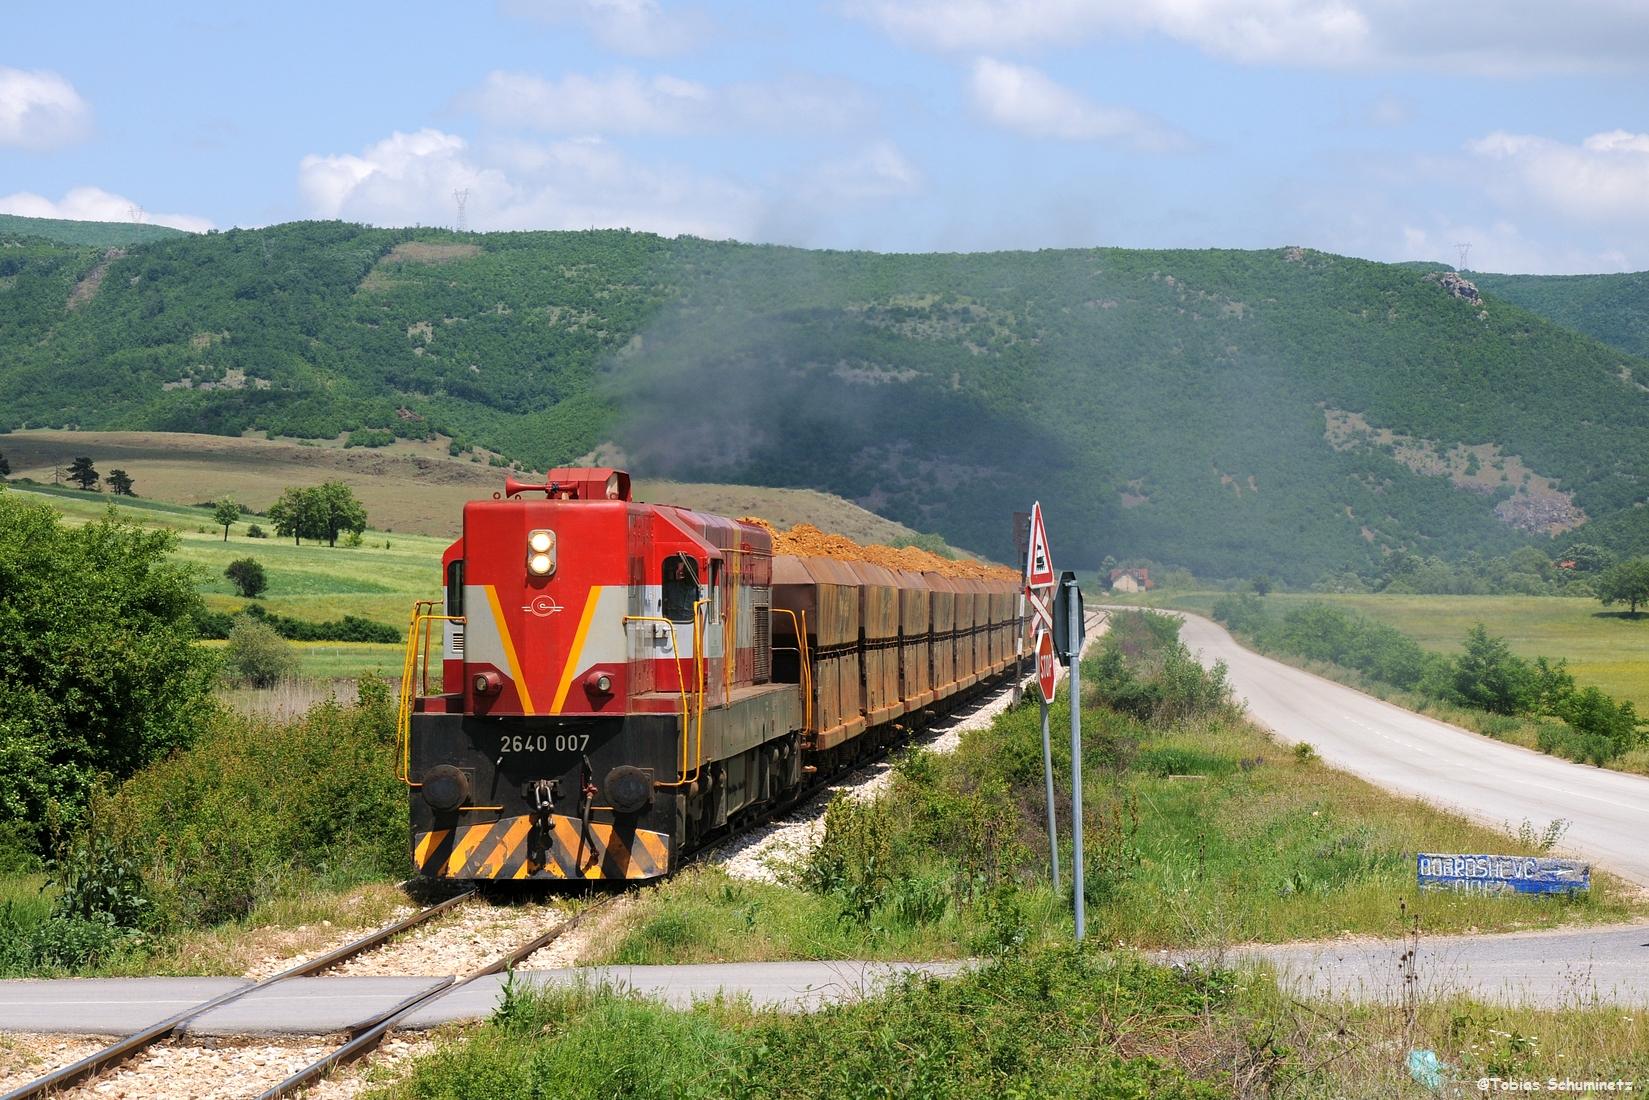 Nochmals ein paar Kilometer weiter hinter Dritan konnten wir den Zug nochmals mit einem der tollen in Stein gemeisselten Wegweiser umsetzen.